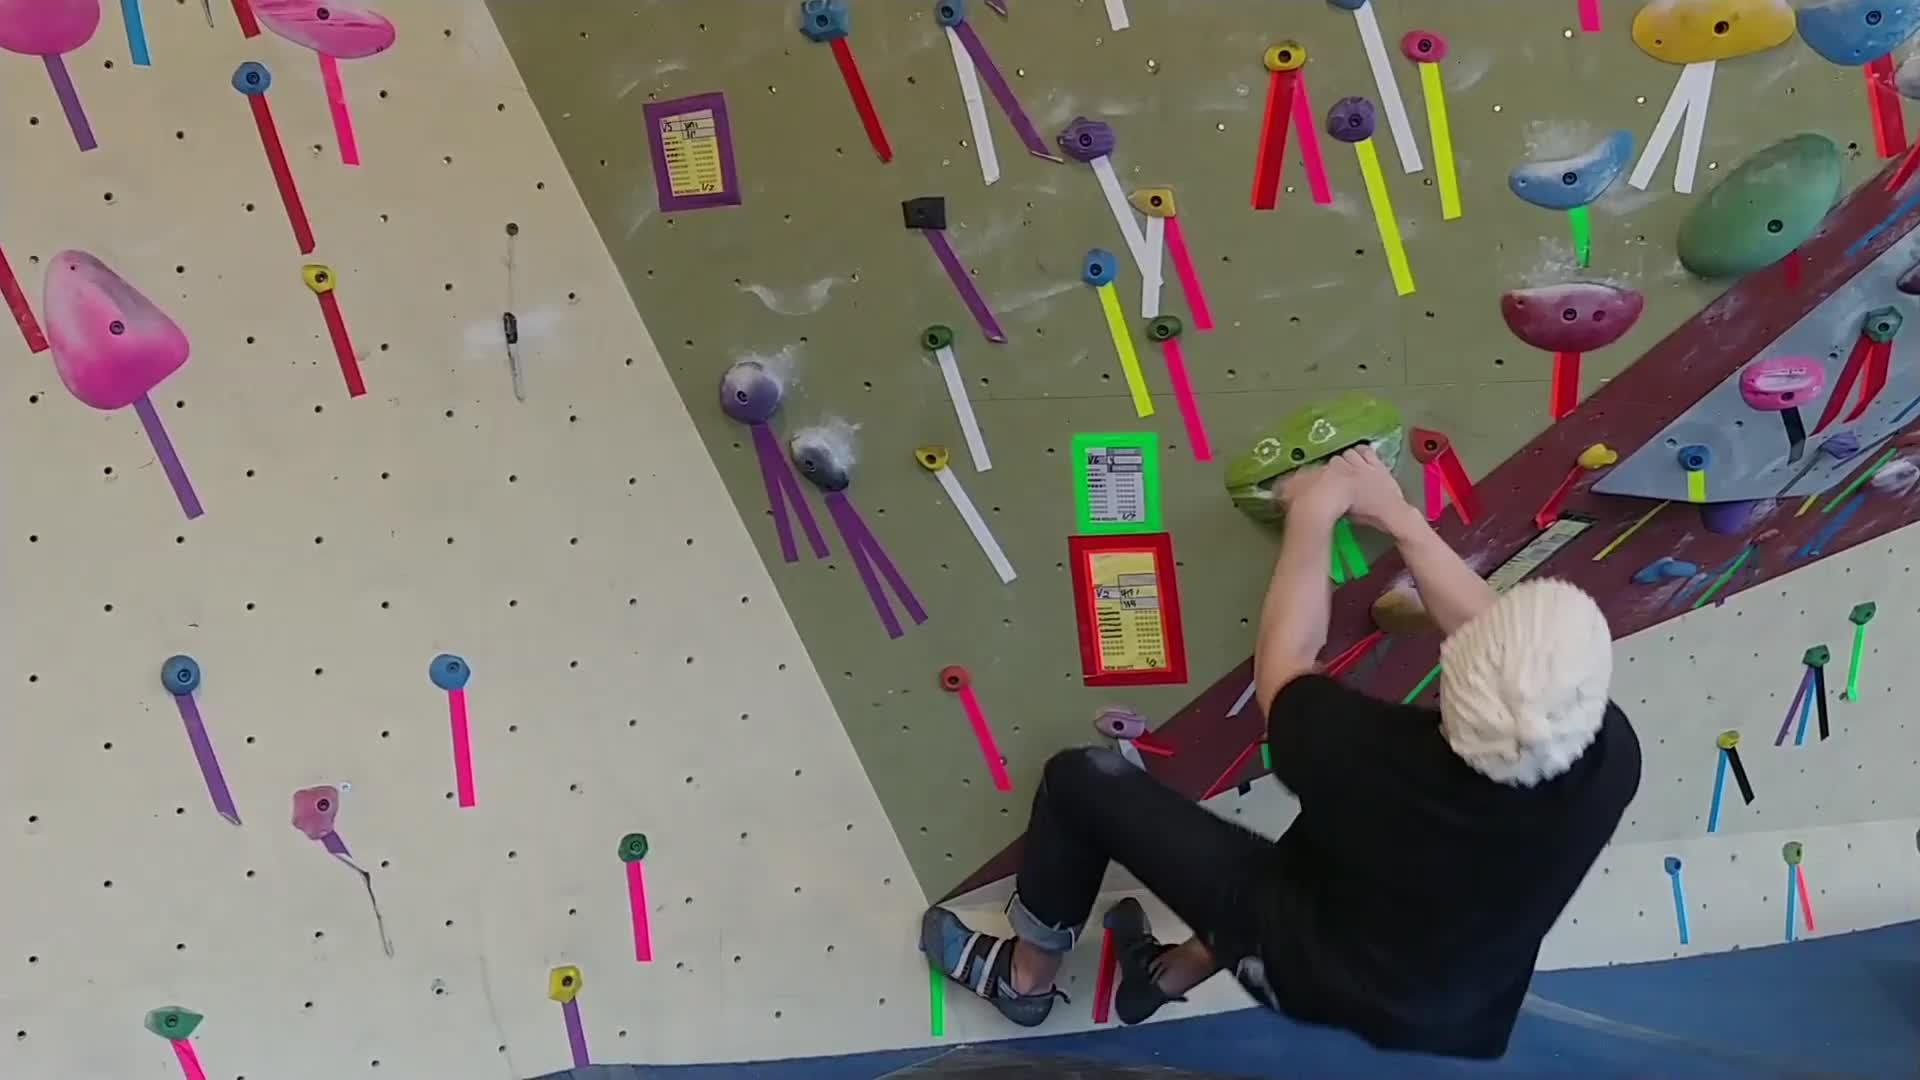 climbing, climbing gym, falling, rock climbing, Falling GIFs